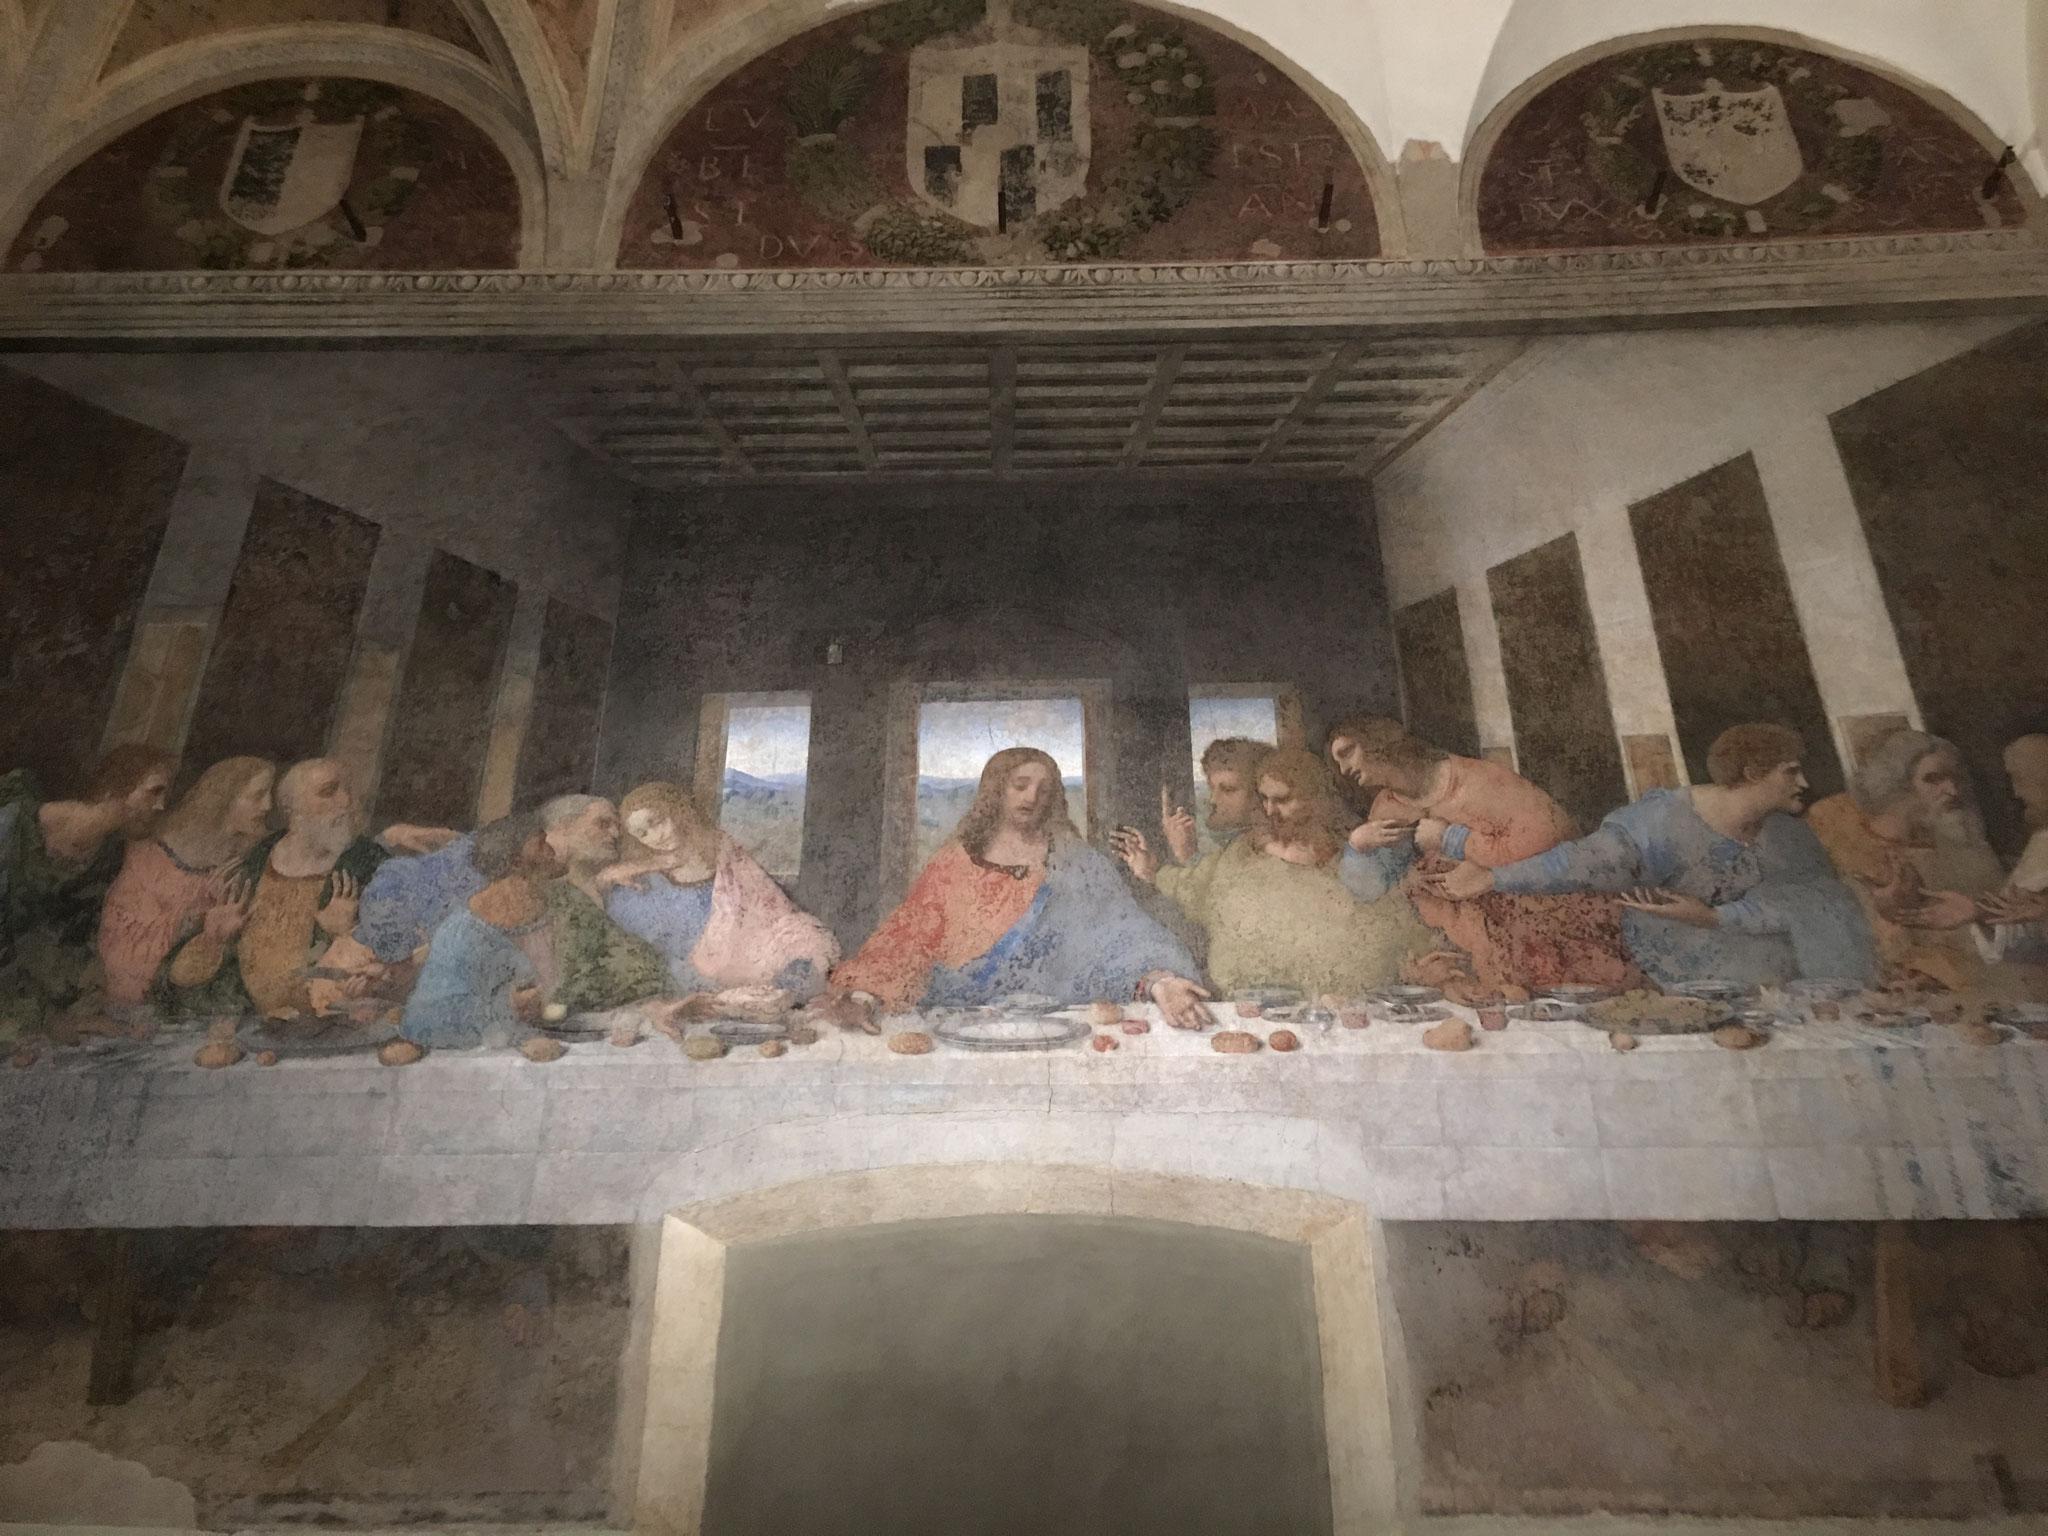 レオナルド・ダ・ヴィンチ作「最後の晩餐」(15世紀末)。教会修道院の食堂の壁一面に、高さ一杯に遠近法を駆使して描かれています。